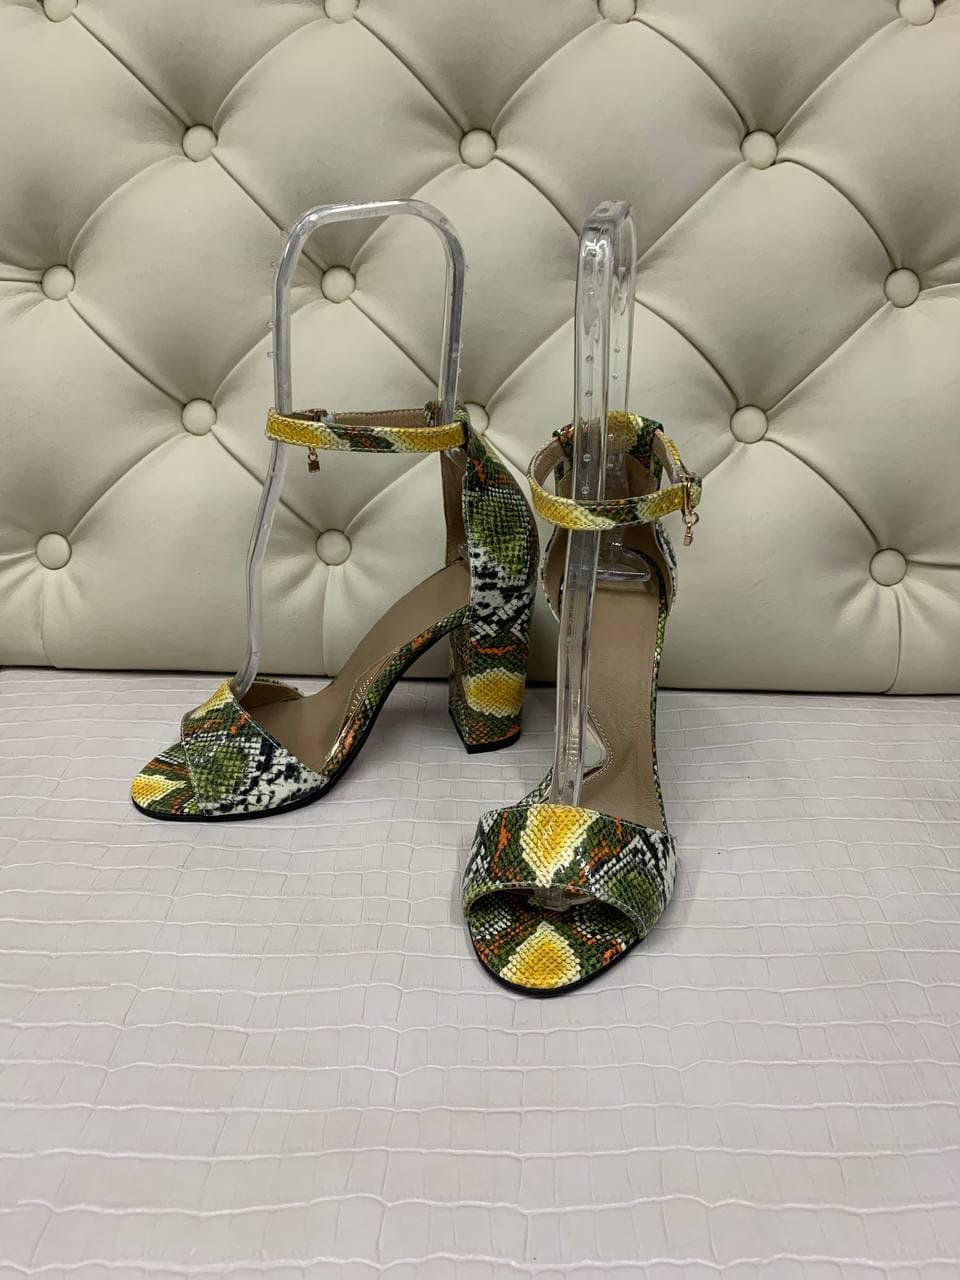 Босоножки в цвете питон на высоком каблуке из натуральной кожи купить